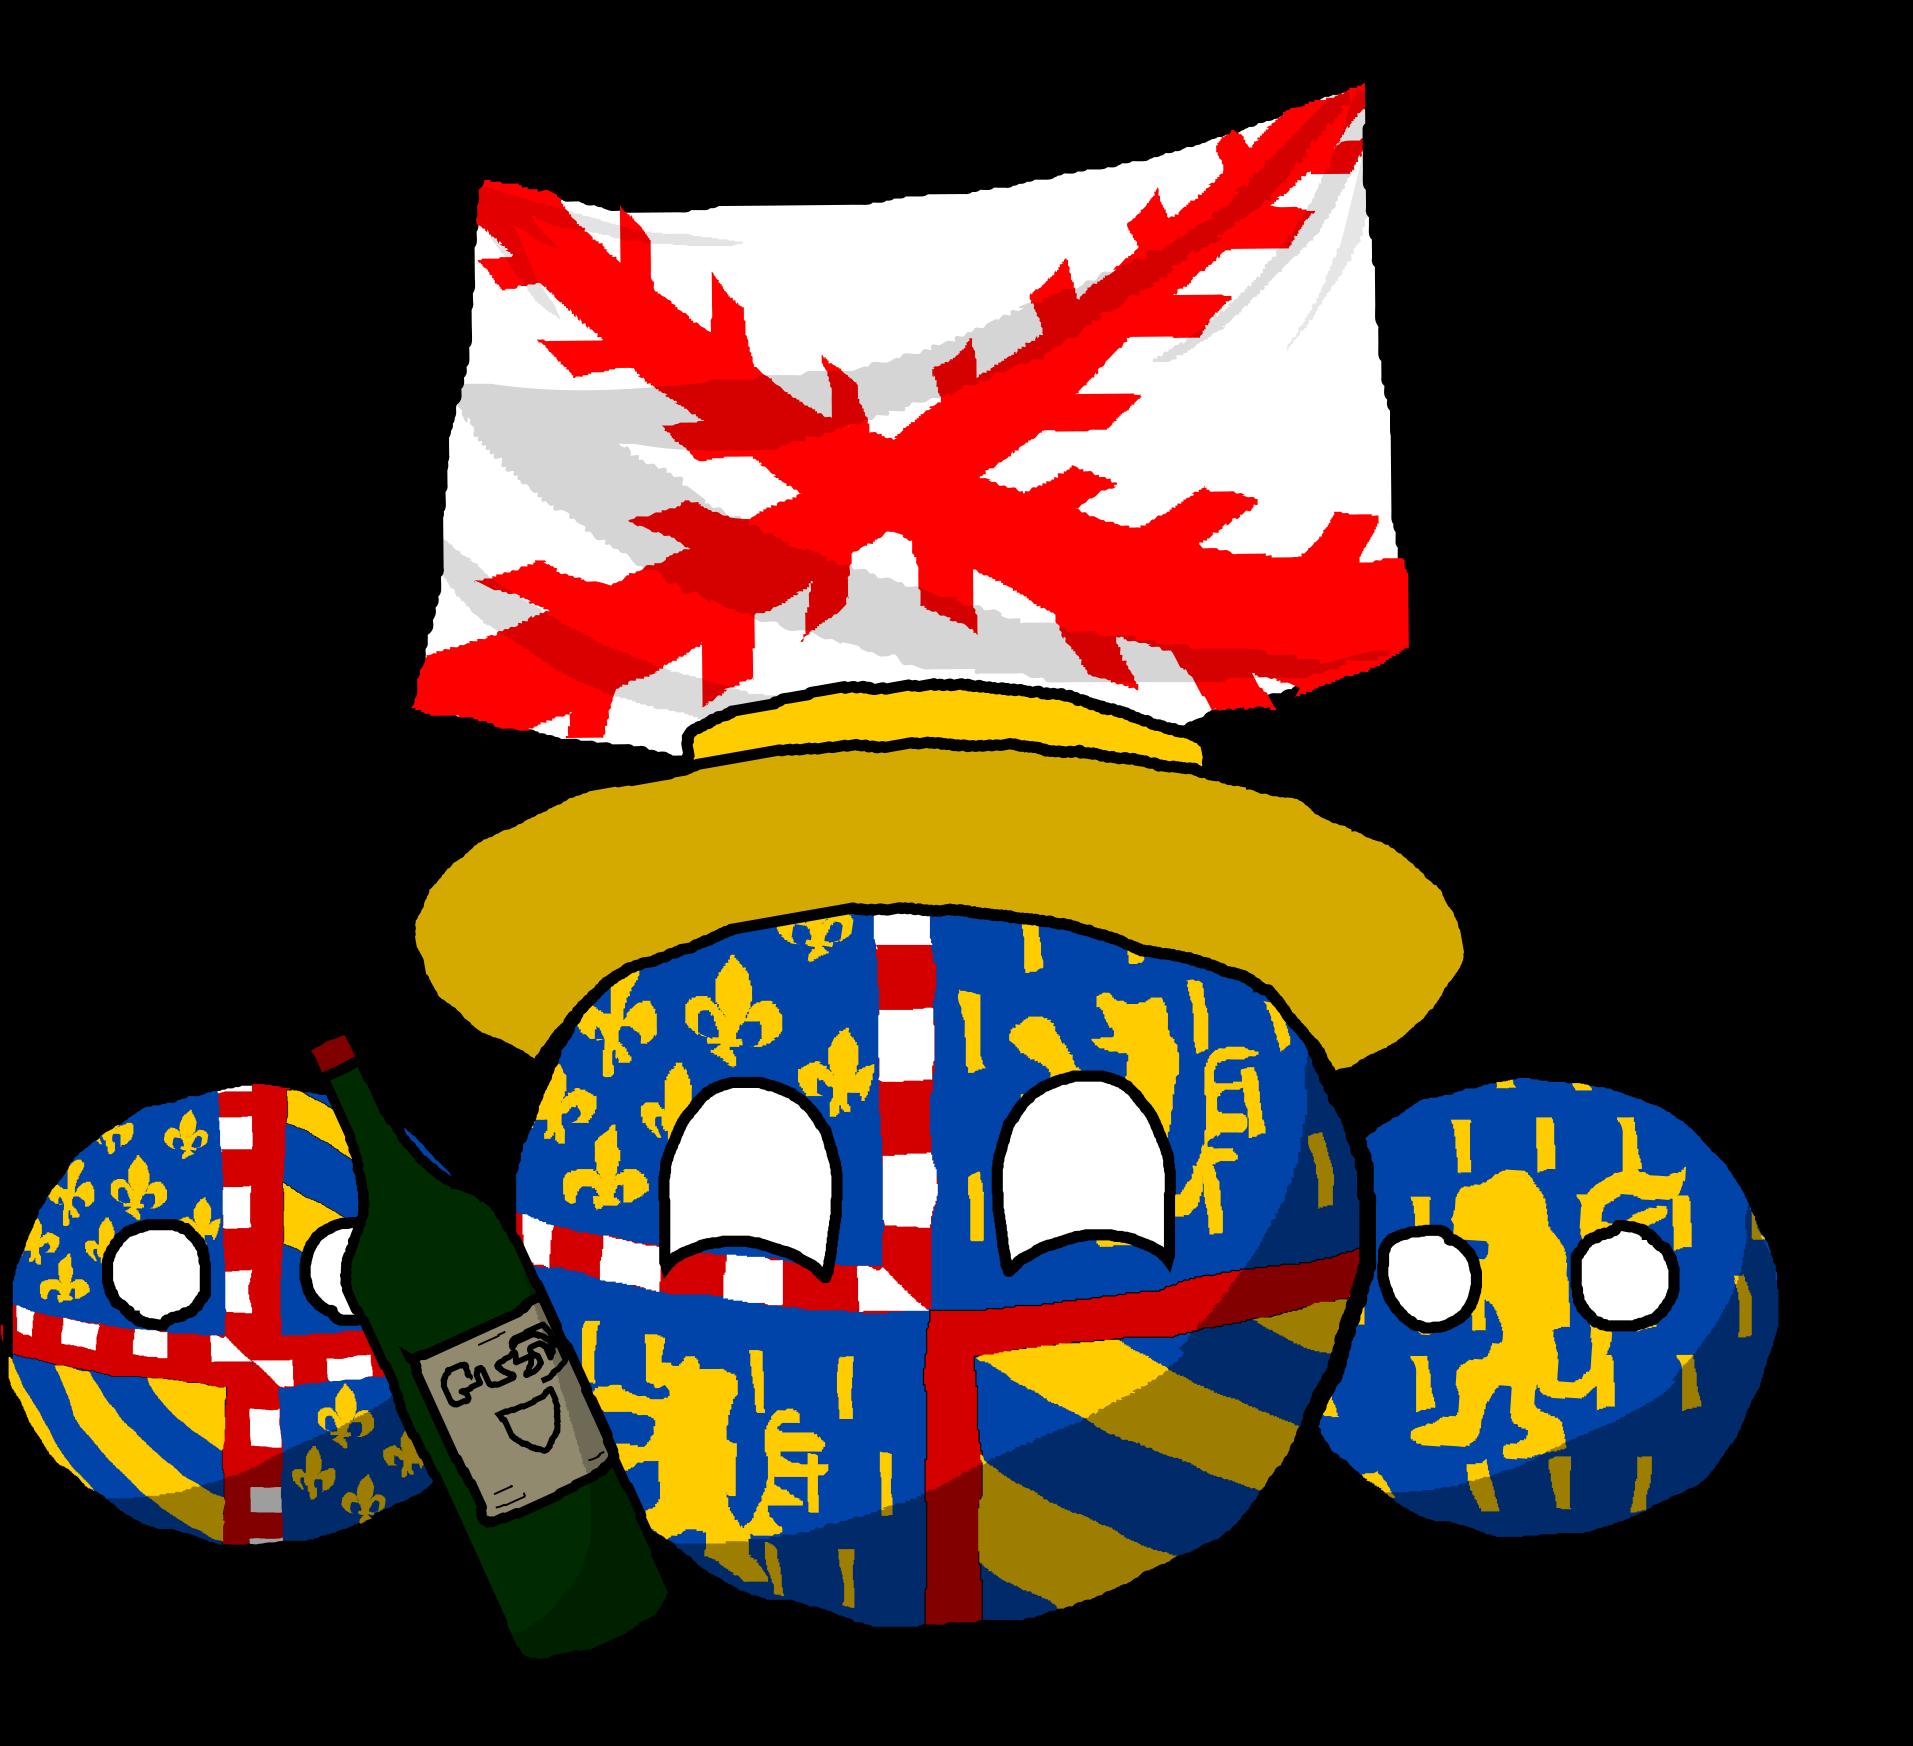 Bourgogne-Franche-Comtéball